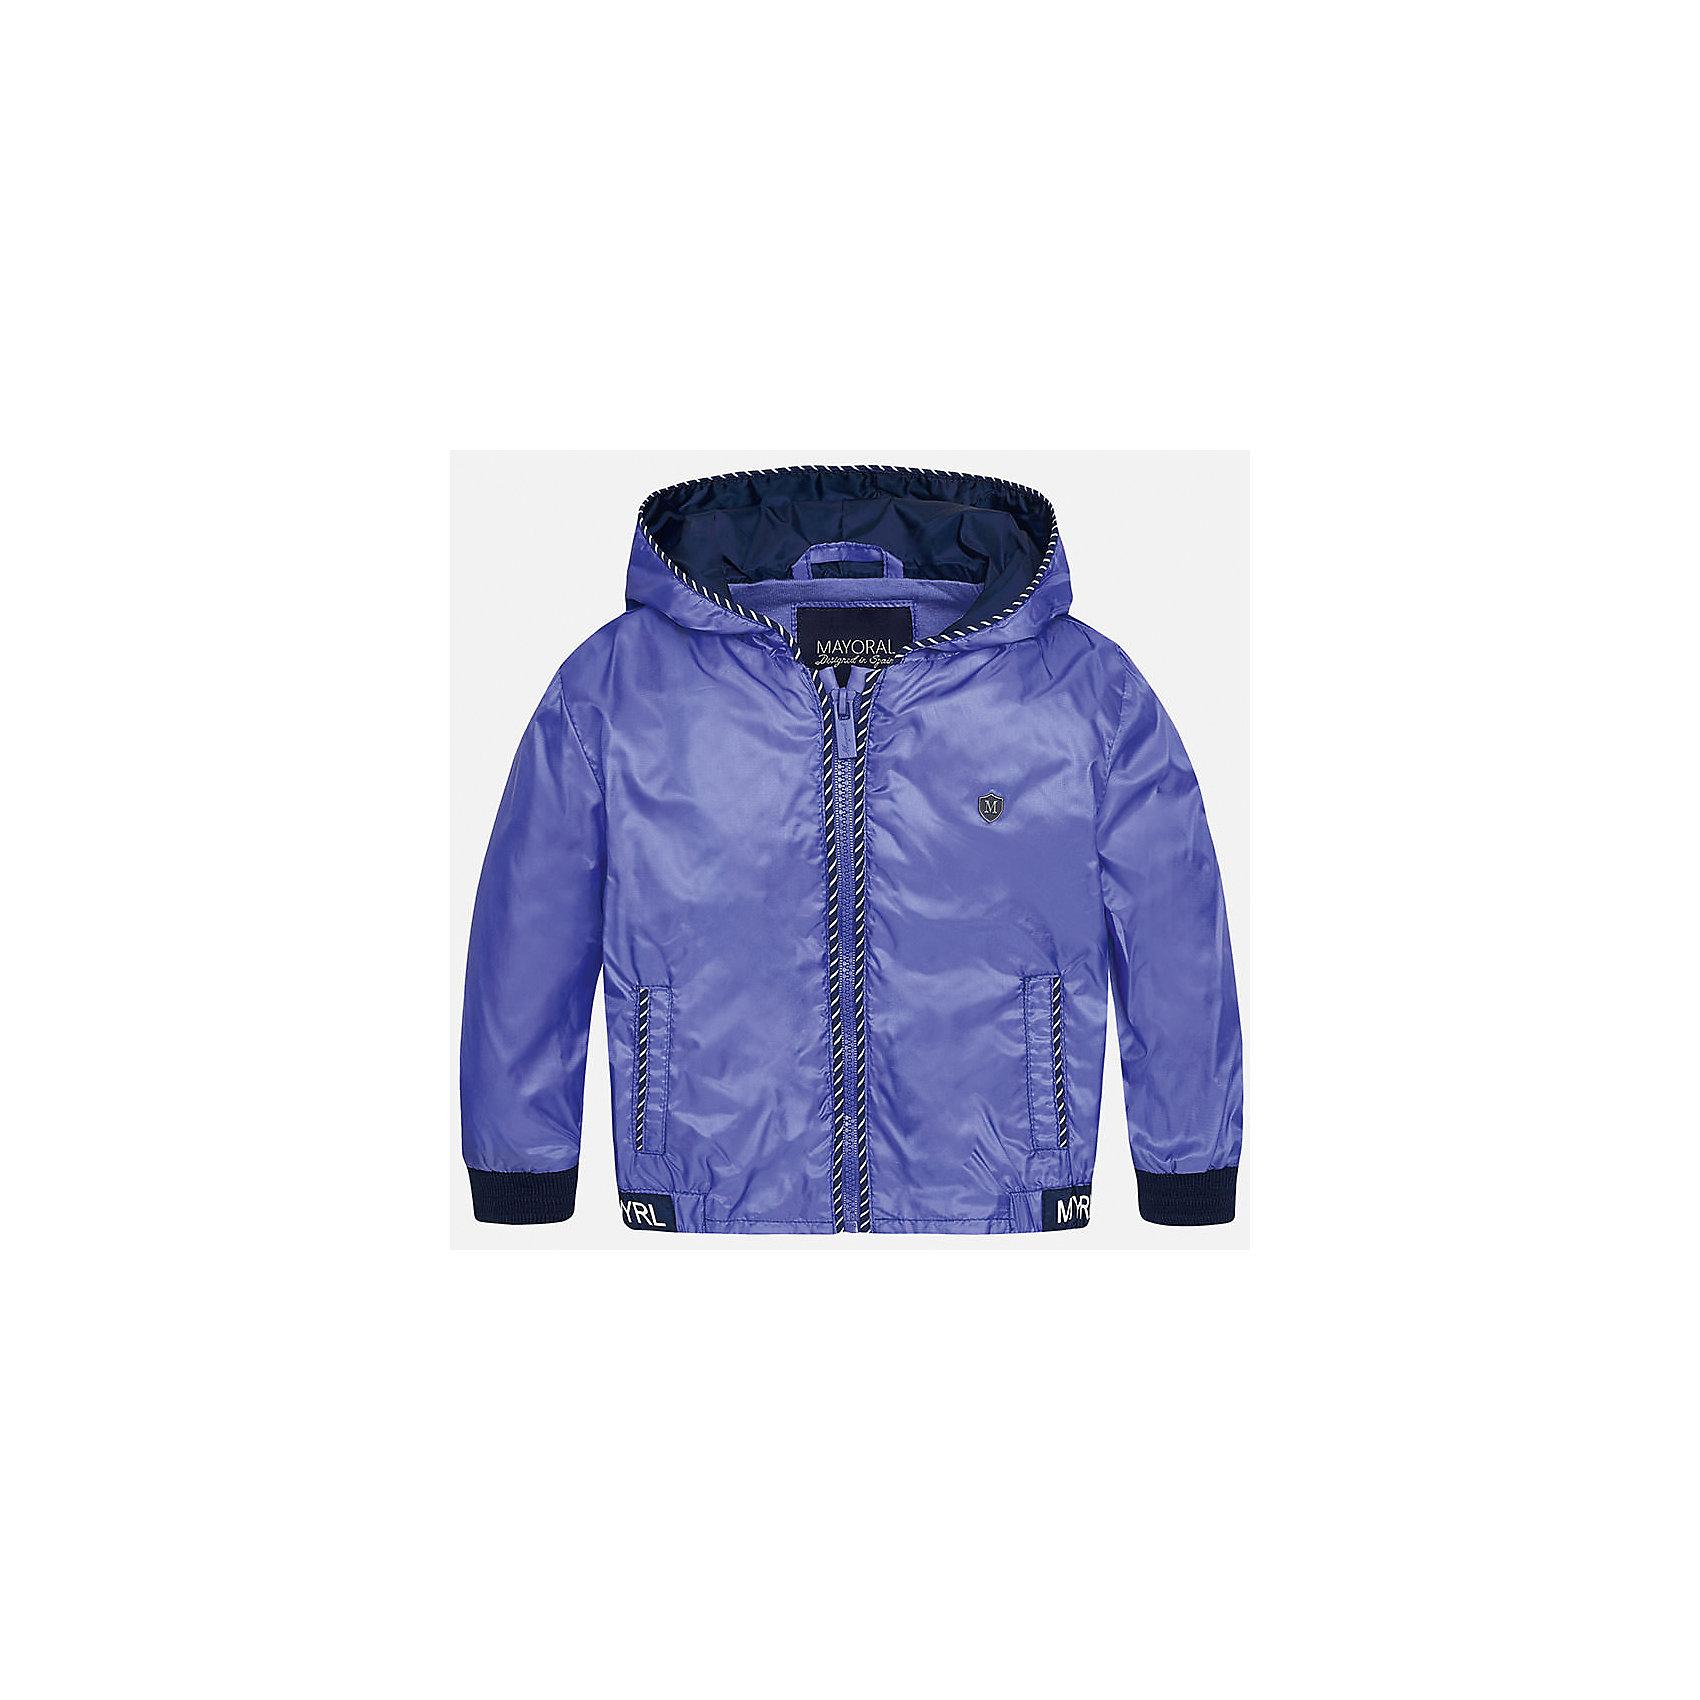 Ветровка для мальчика MayoralВерхняя одежда<br>Характеристики товара:<br><br>• цвет: синий<br>• состав: 100% полиэстер, подкладка - 100% хлопок<br>• манжеты <br>• карманы<br>• молния<br>• капюшон<br>• страна бренда: Испания<br><br>Легкая ветровка для мальчика поможет разнообразить гардероб ребенка и обеспечить тепло в прохладную погоду. Она отлично сочетается и с джинсами, и с брюками. Универсальный цвет позволяет подобрать к вещи низ различных расцветок. Интересная отделка модели делает её нарядной и оригинальной. В составе материала подкладки - натуральный хлопок, гипоаллергенный, приятный на ощупь, дышащий.<br><br>Одежда, обувь и аксессуары от испанского бренда Mayoral полюбились детям и взрослым по всему миру. Модели этой марки - стильные и удобные. Для их производства используются только безопасные, качественные материалы и фурнитура. Порадуйте ребенка модными и красивыми вещами от Mayoral! <br><br>Ветровку для мальчика от испанского бренда Mayoral (Майорал) можно купить в нашем интернет-магазине.<br><br>Ширина мм: 356<br>Глубина мм: 10<br>Высота мм: 245<br>Вес г: 519<br>Цвет: фиолетовый<br>Возраст от месяцев: 12<br>Возраст до месяцев: 15<br>Пол: Мужской<br>Возраст: Детский<br>Размер: 80,92,86<br>SKU: 5279620